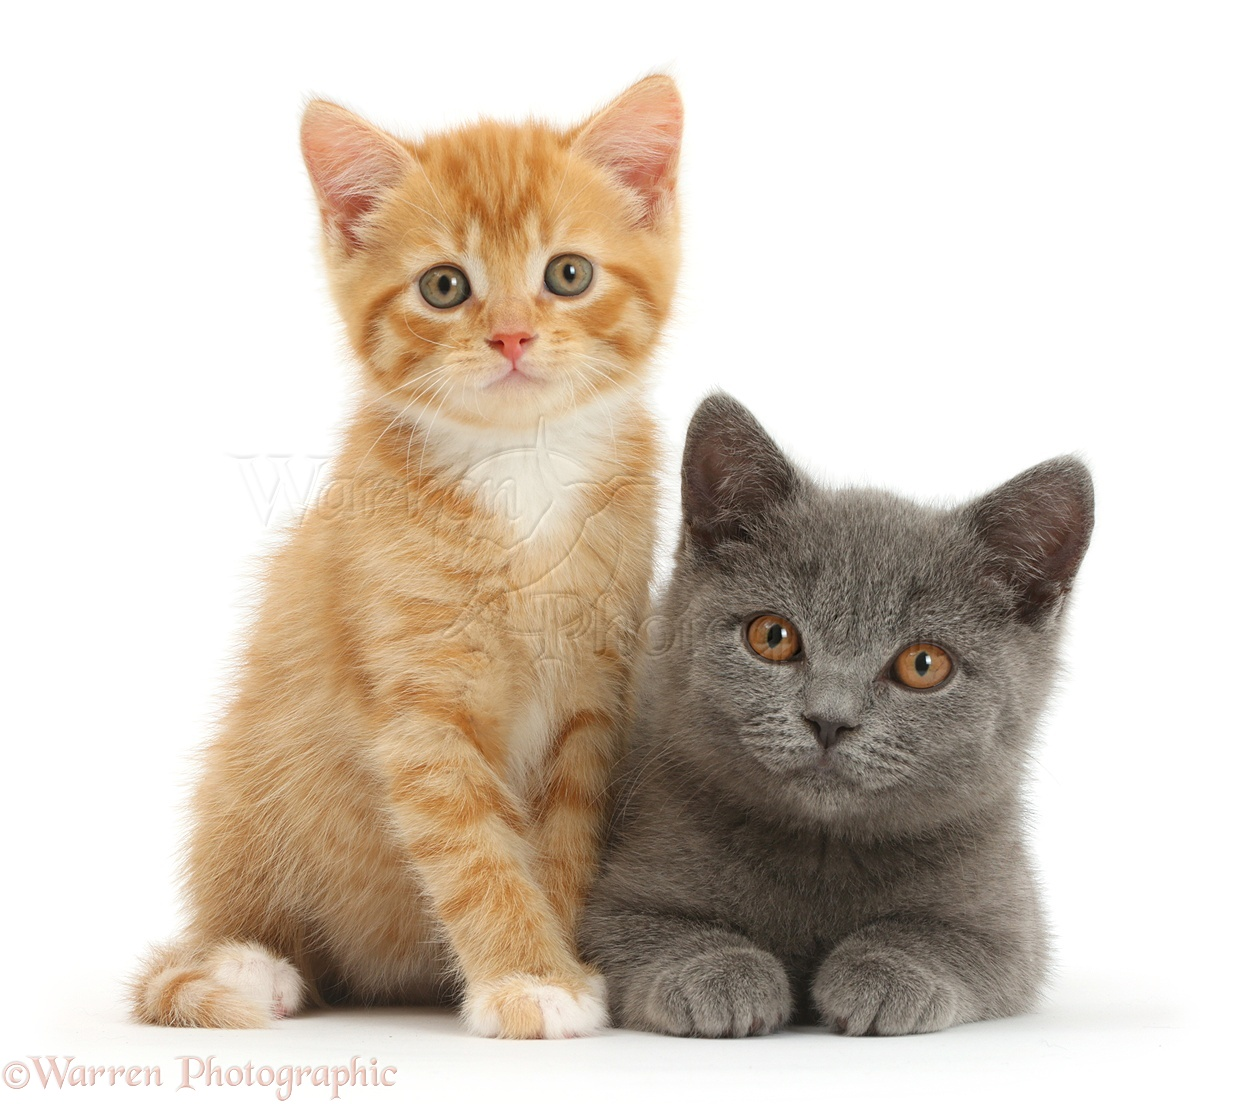 Ginger kitten and Blue British Shorthair kitten photo WP41956